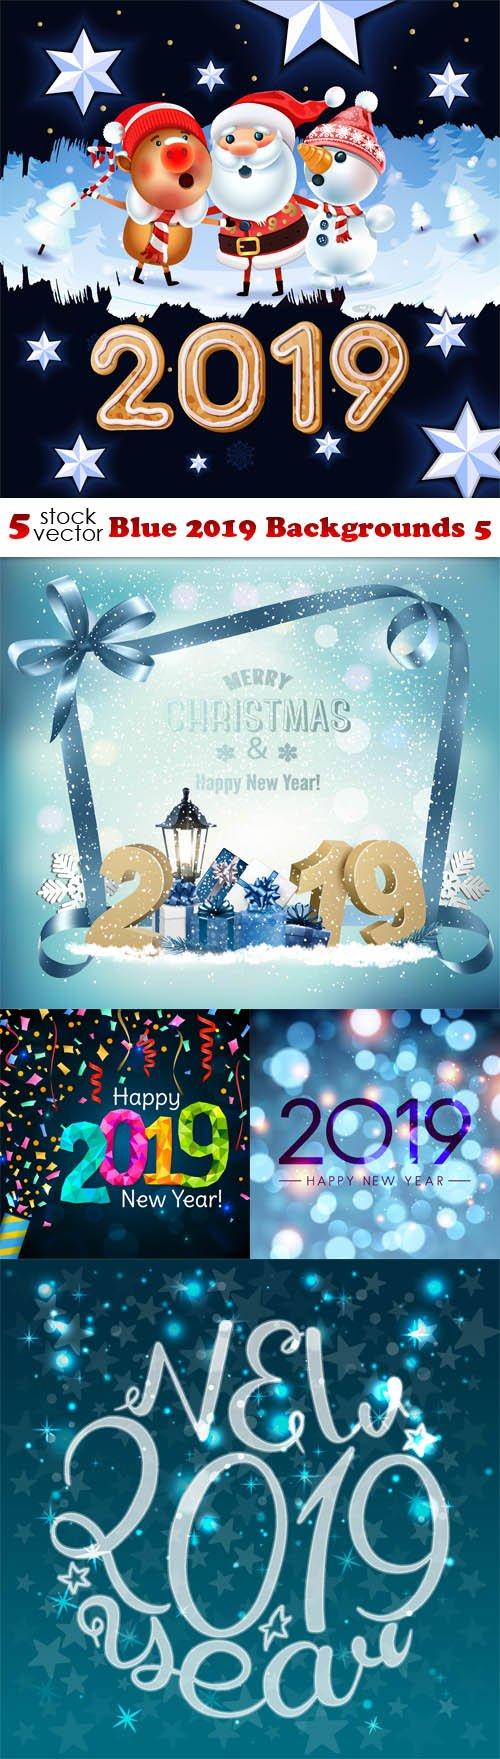 Vectors - Blue 2019 Backgrounds 5